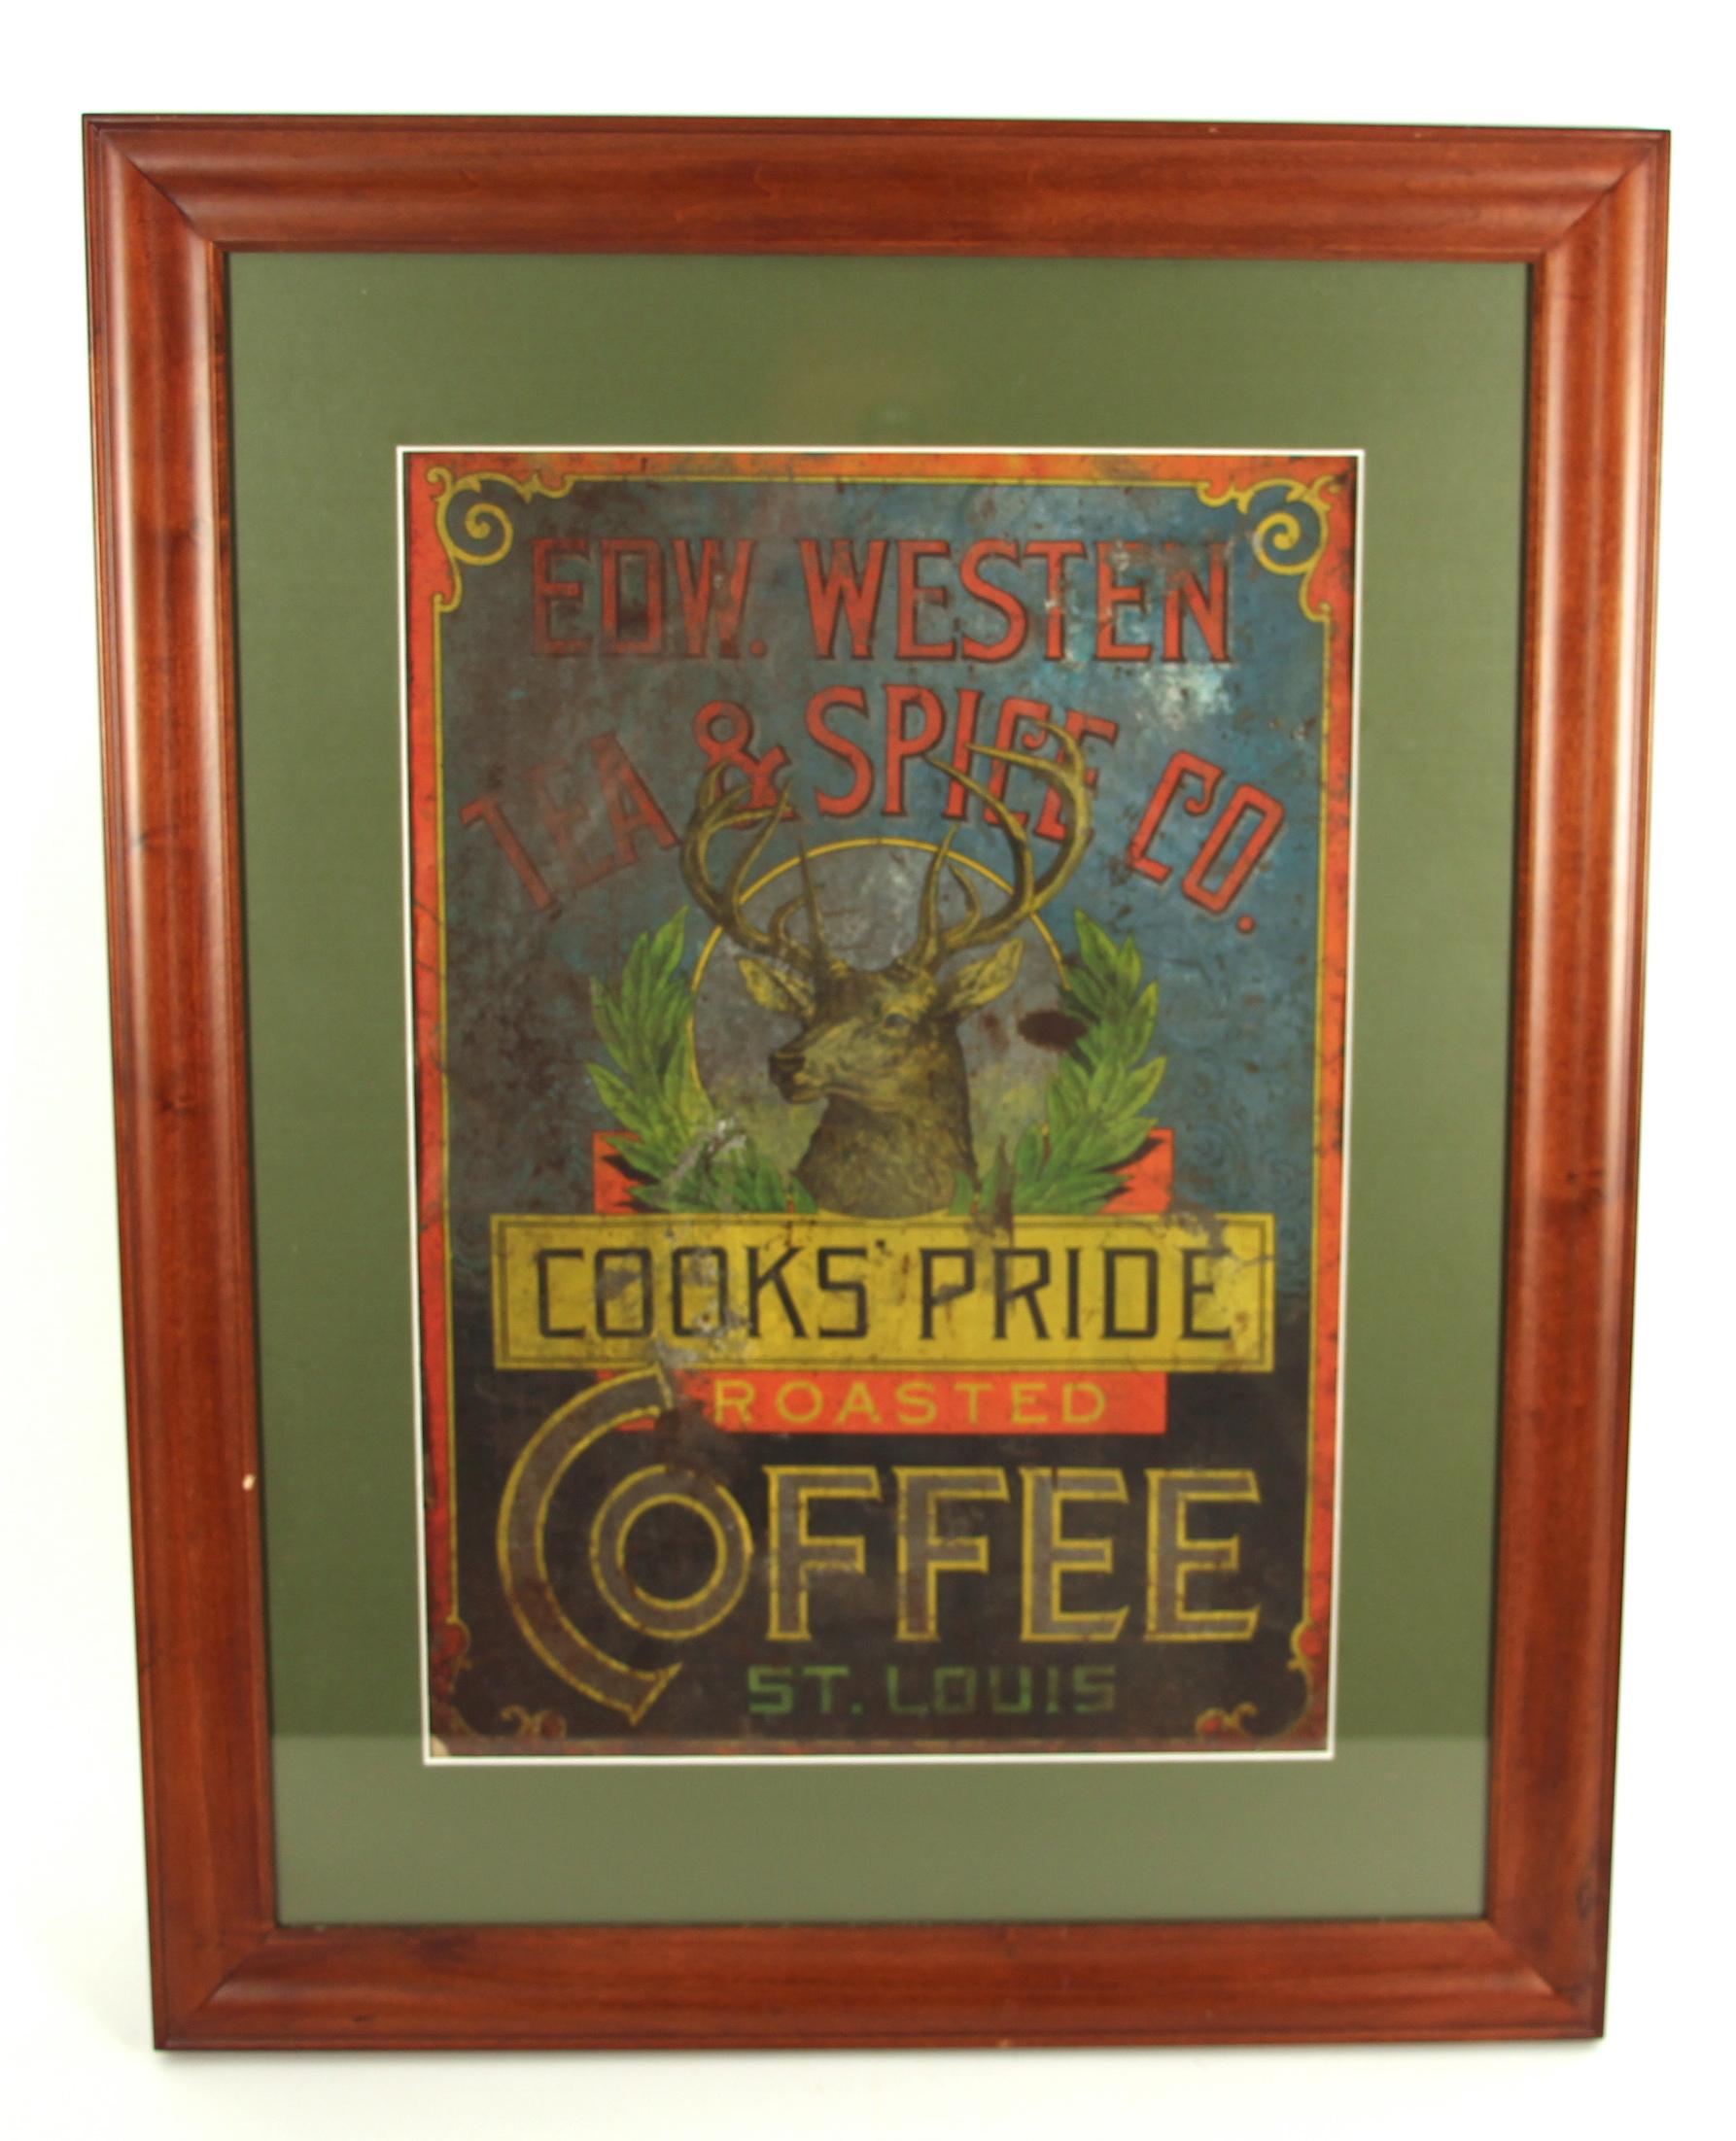 Edward Westen Tea & Spice Co. Tin Sign, Cook's Pride Coffee, St. Louis, MO. Circa 1900